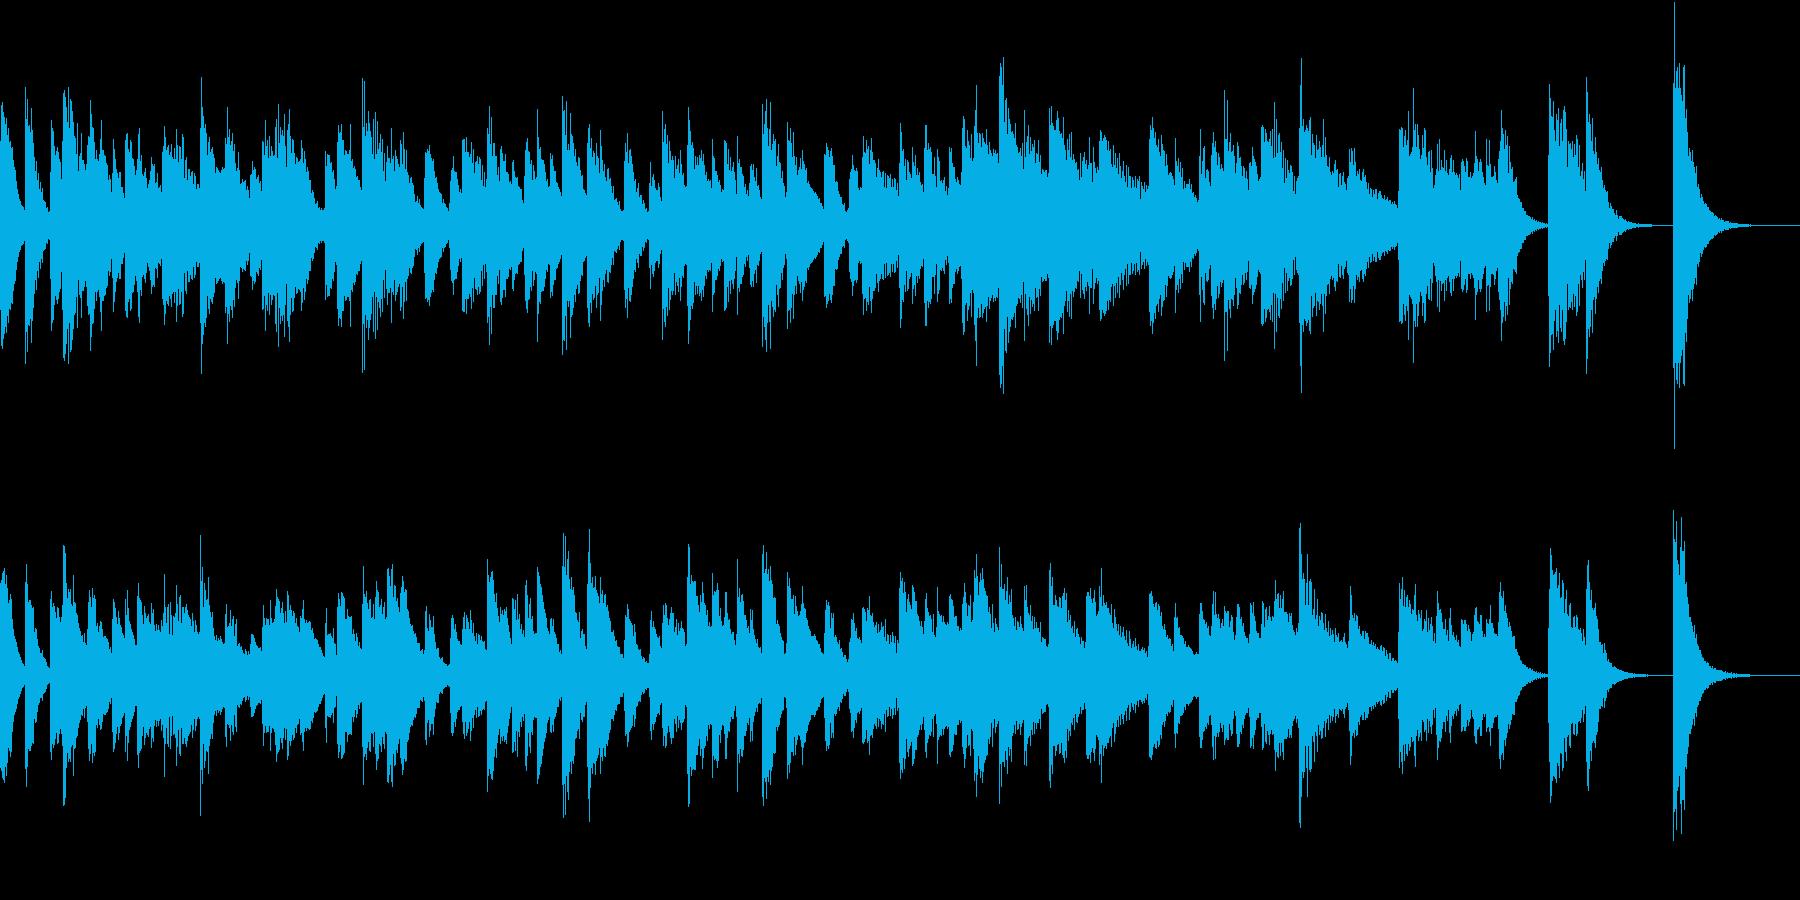 ブラジル音楽のリズミックなピアノジングルの再生済みの波形